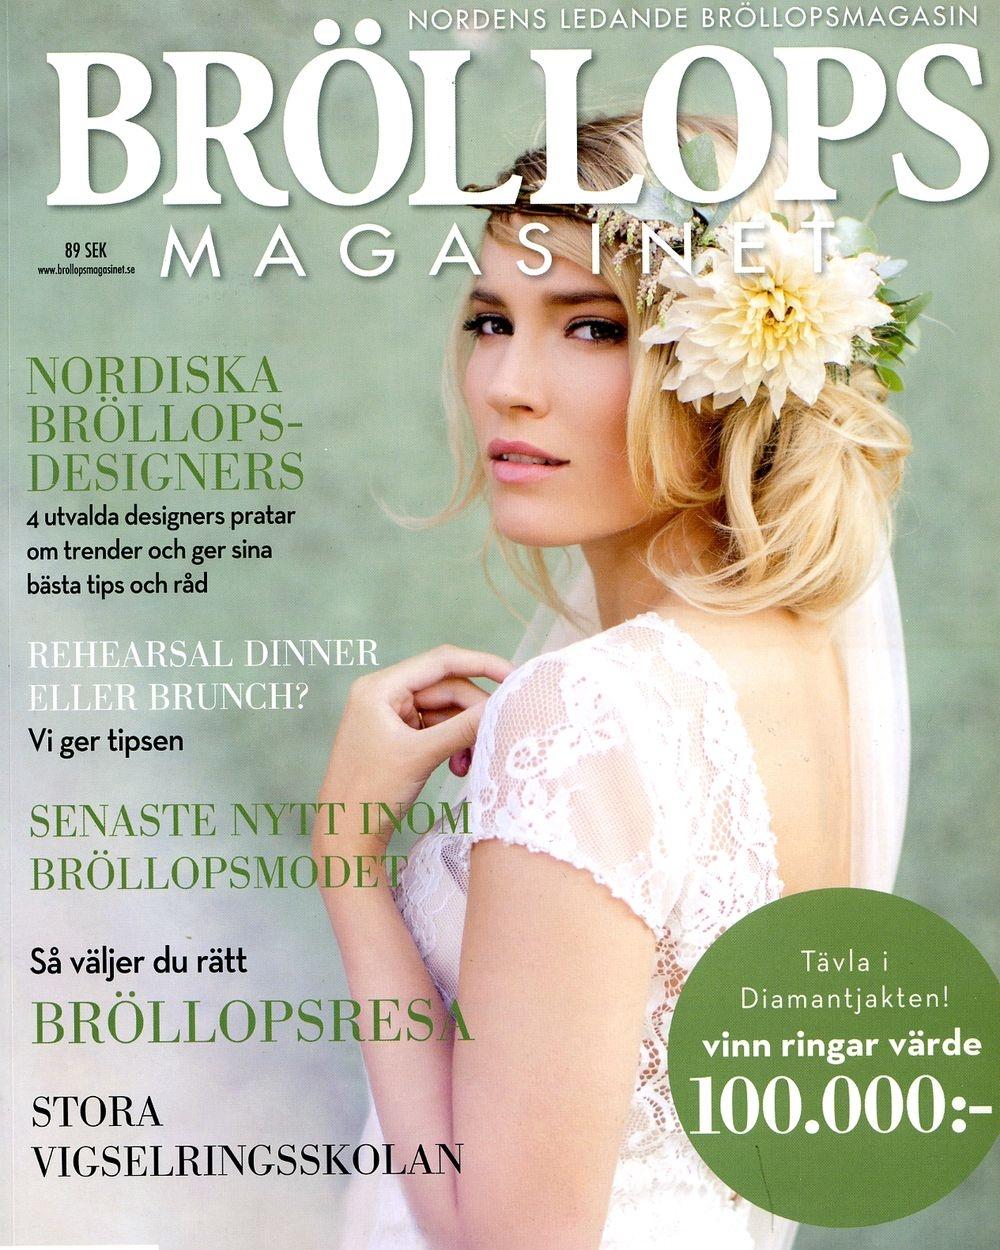 Bröllops Magasinet September-October 2016